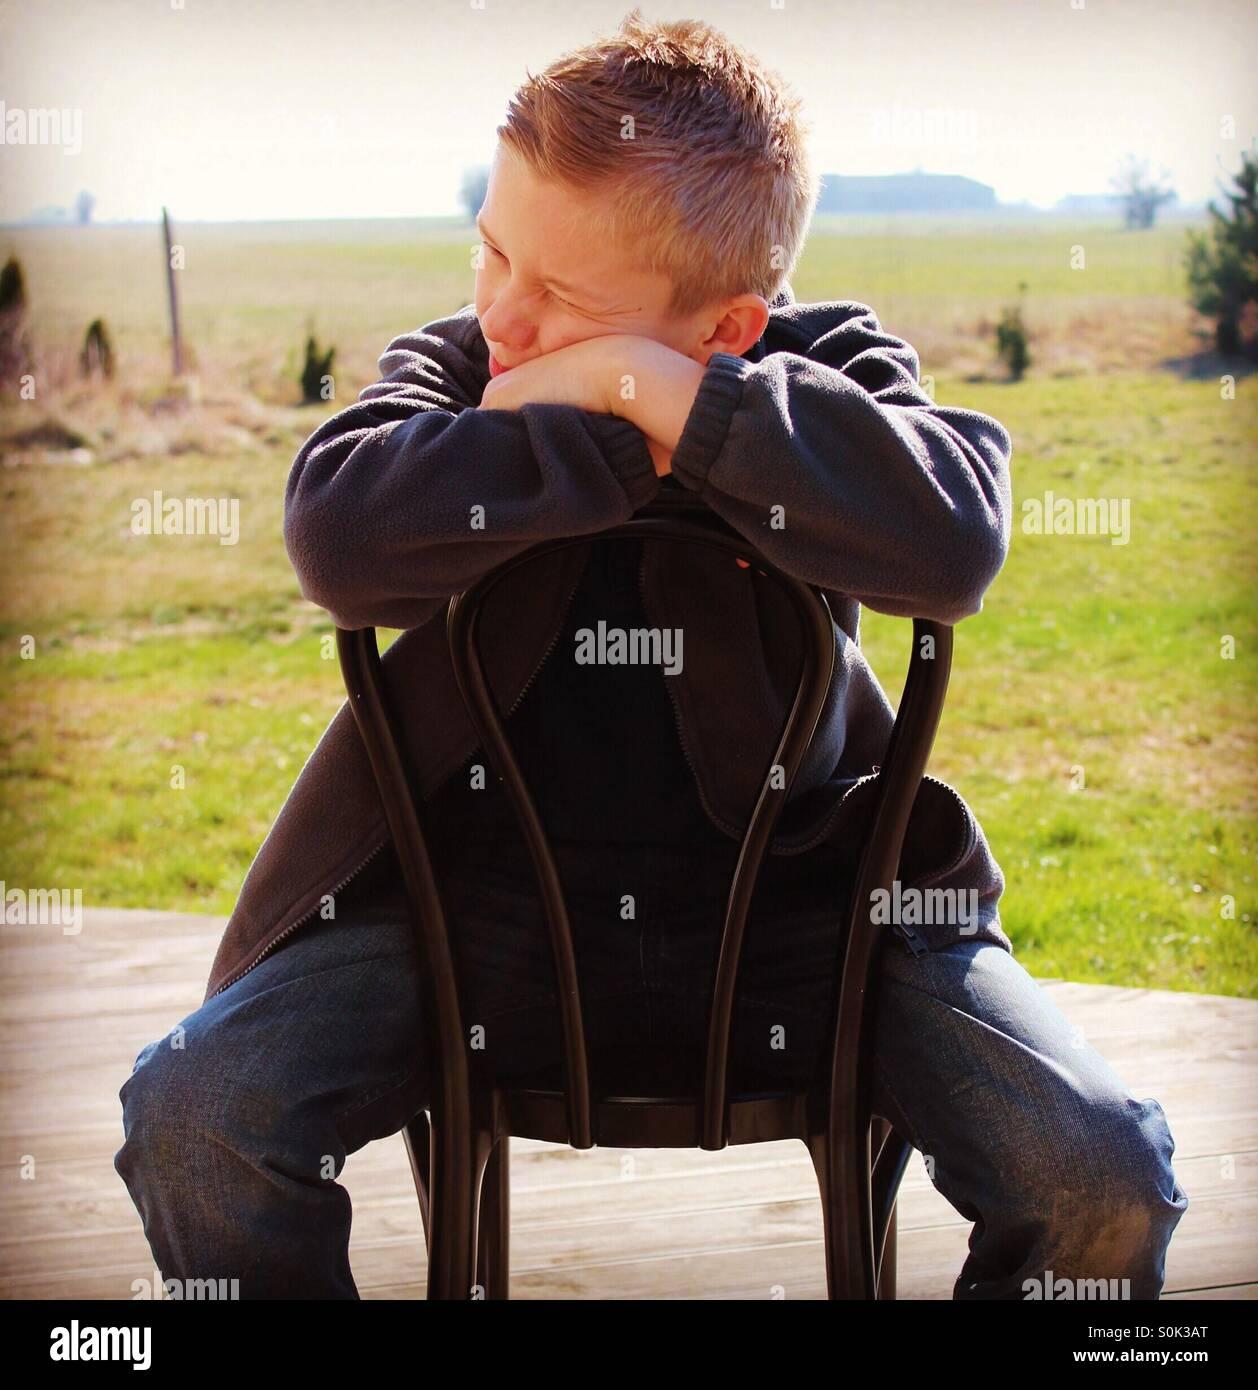 Adolescente sentado al revés en una silla negra fuera en el porche de atrás , deck de madera , buscando lateralmente Foto de stock